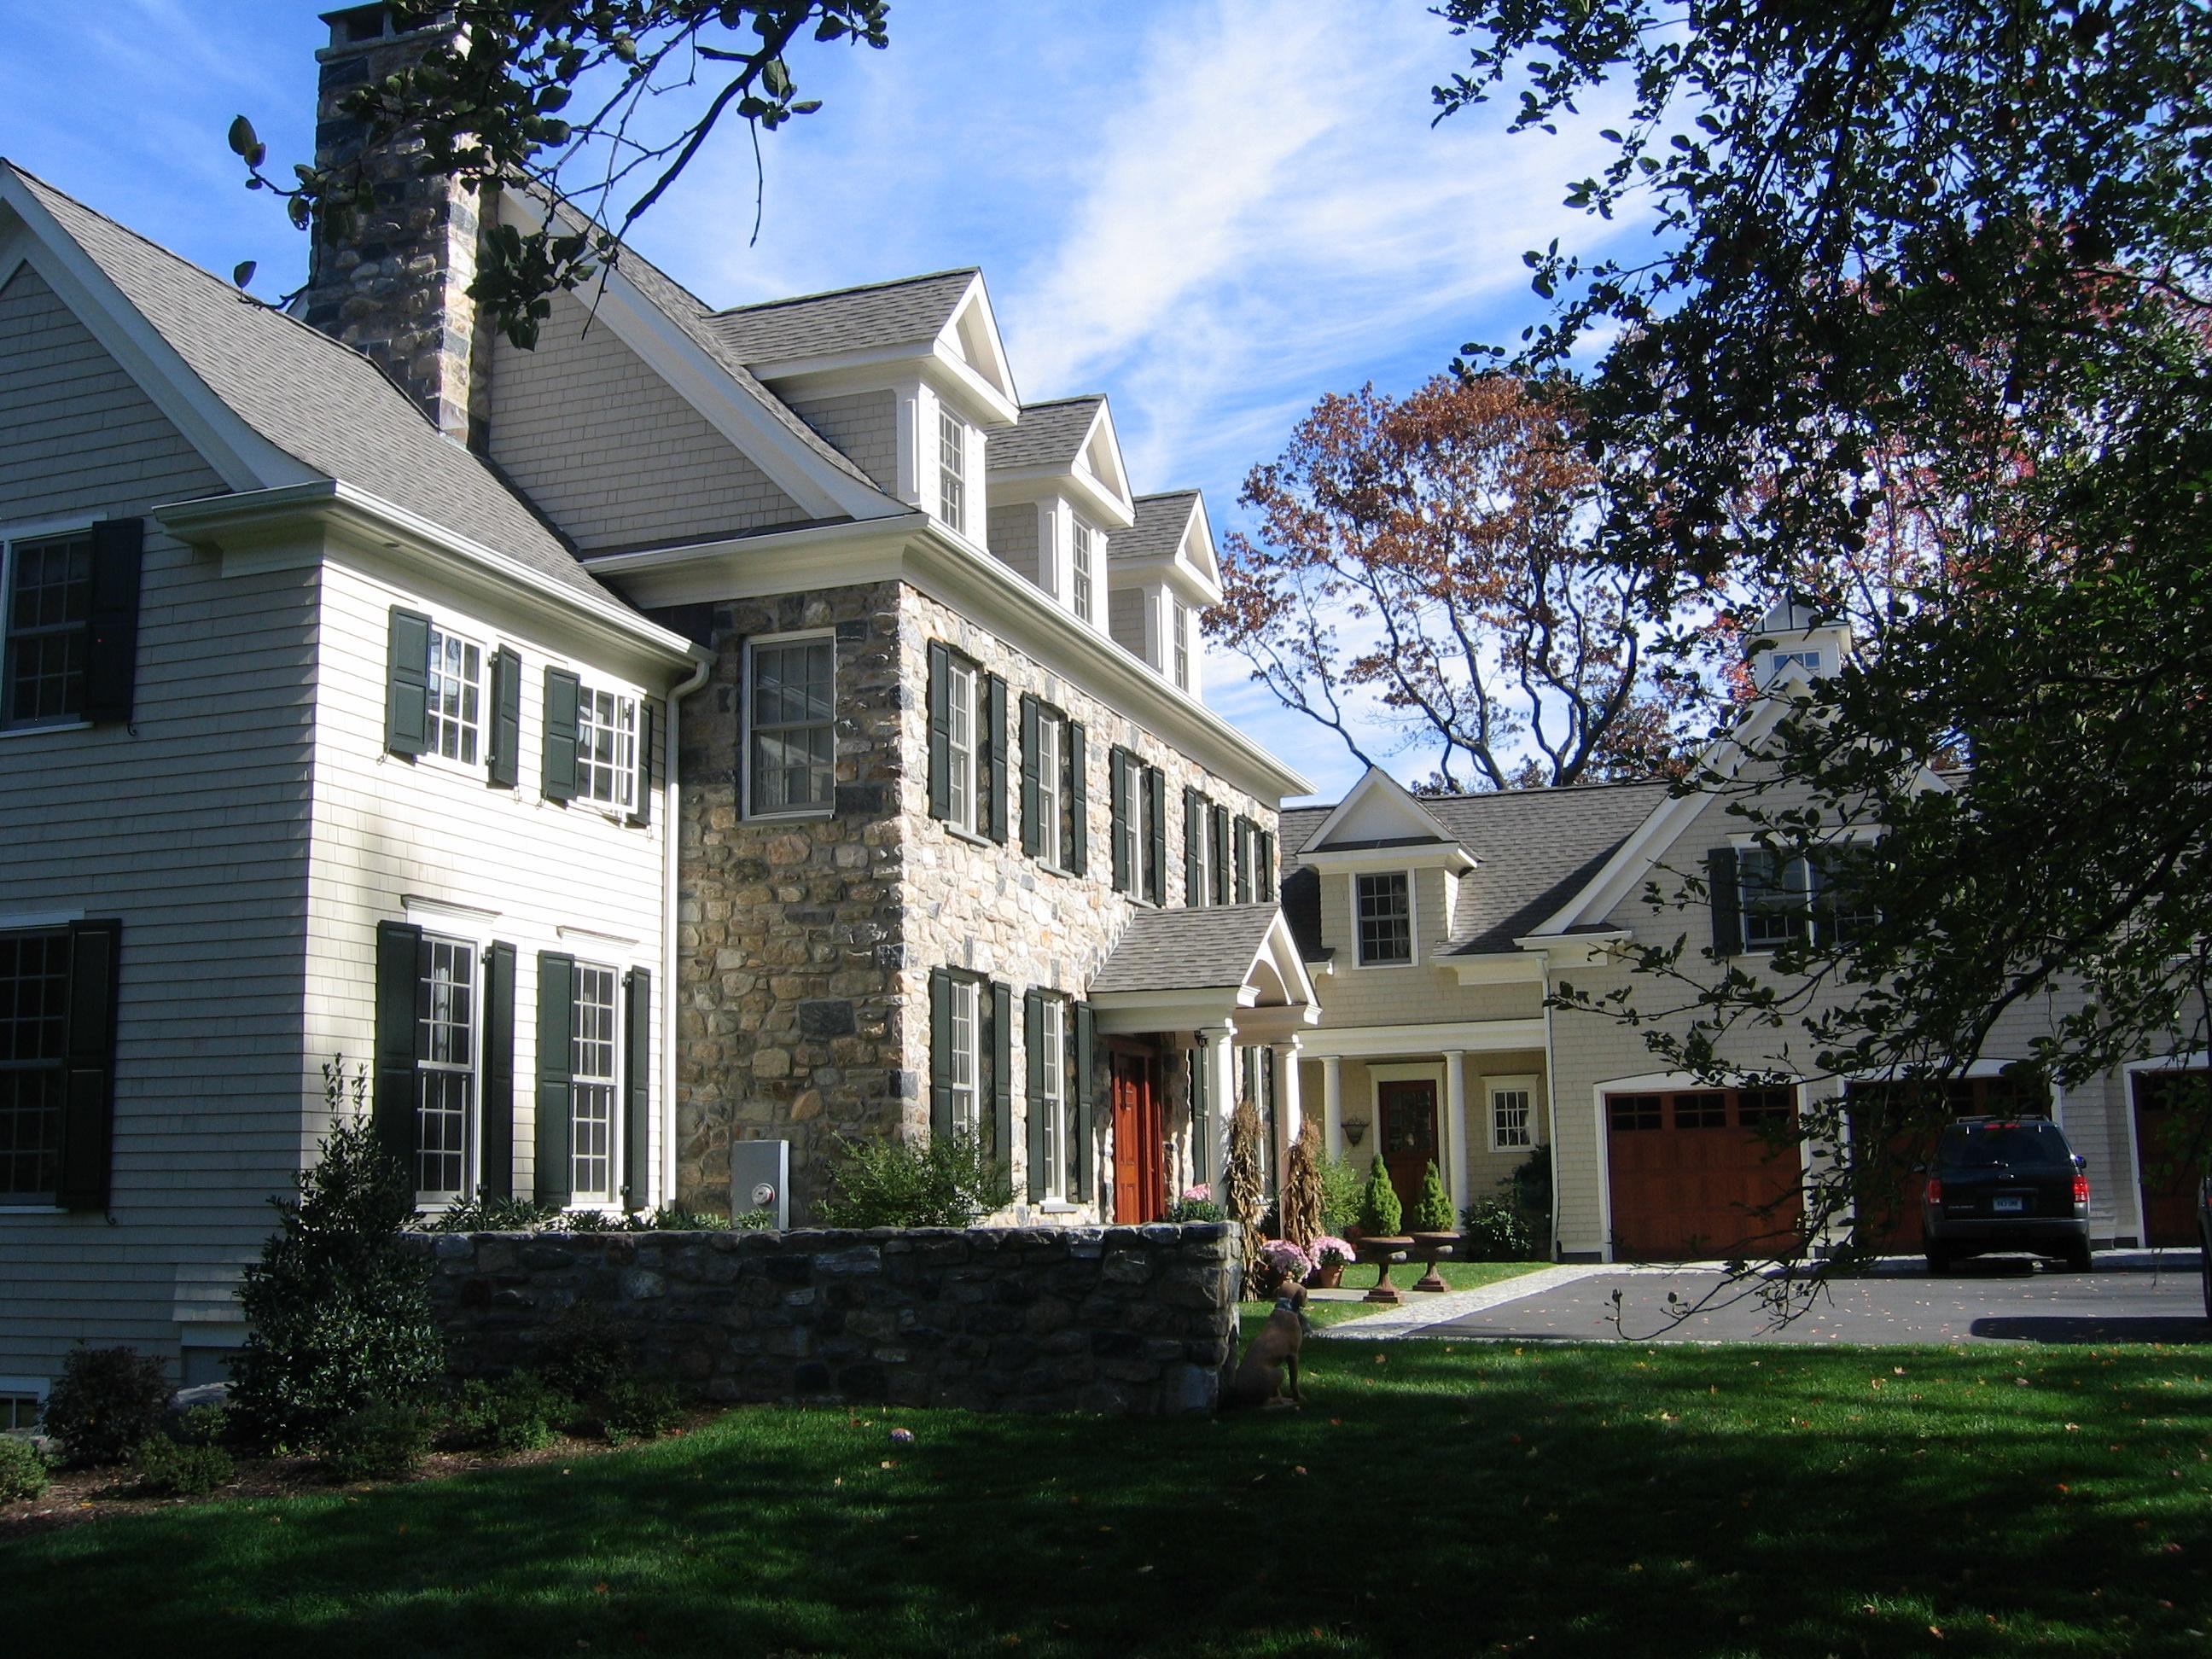 Whipstick Farm Adams Colonial